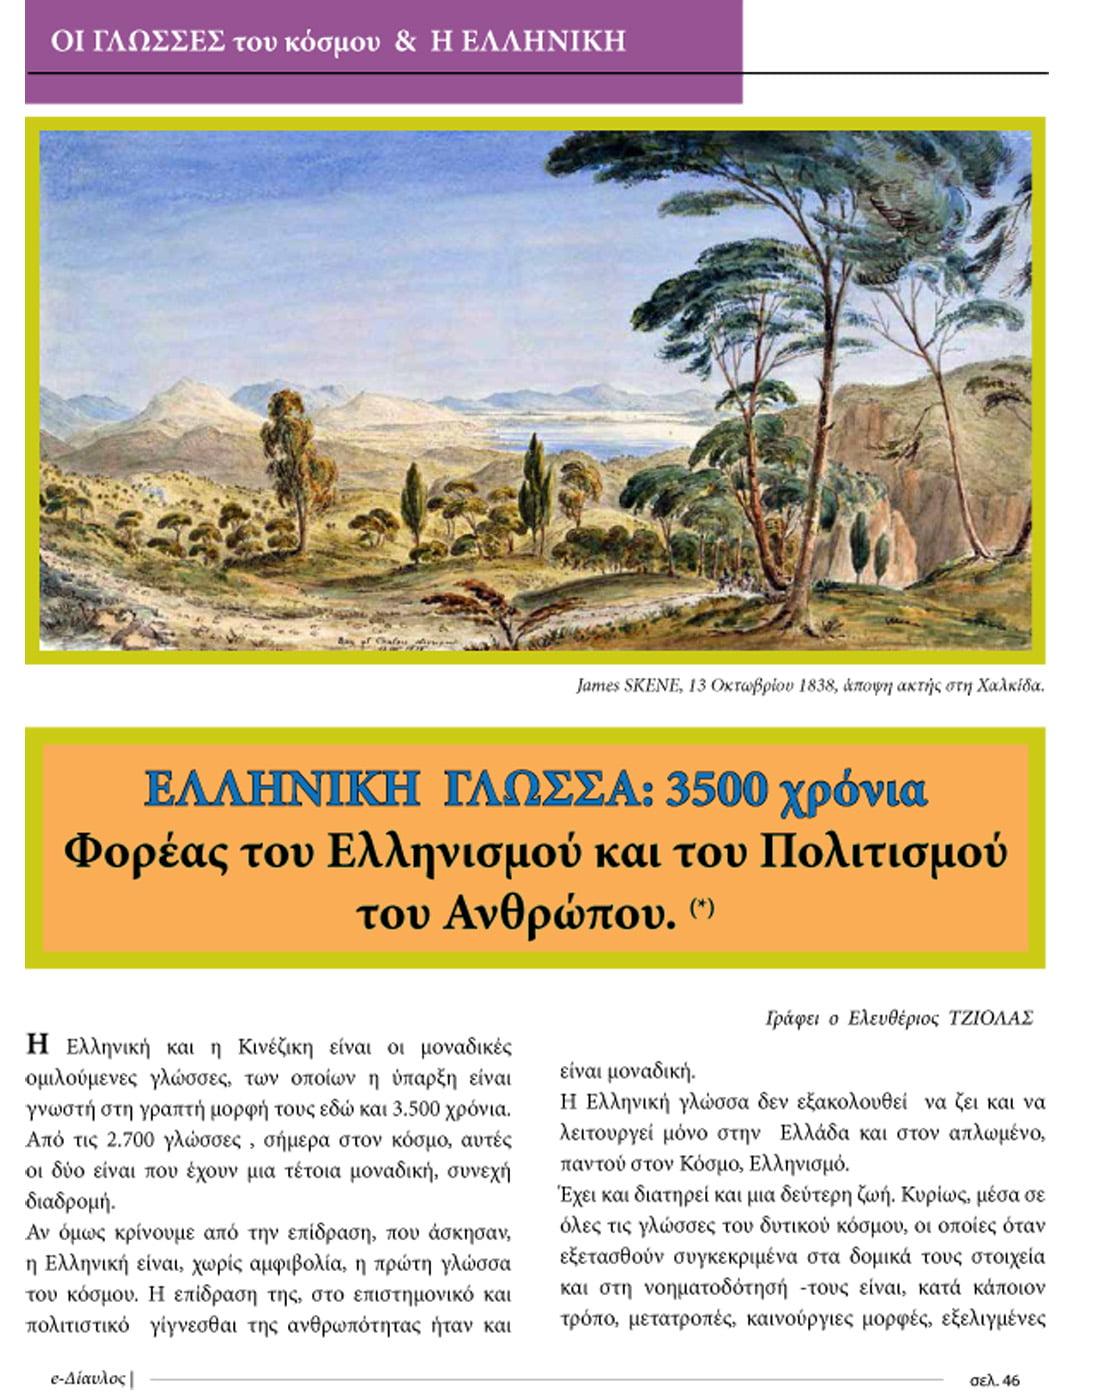 ΕΛΛΗΝΙΚΗ ΓΛΩΣΣΑ: 3500 χρόνια - Φορέας του Ελληνισμού και του Πολιτισμού του Ανθρώπου. Ελευθέριος ΤΖΙΟΛΑΣ